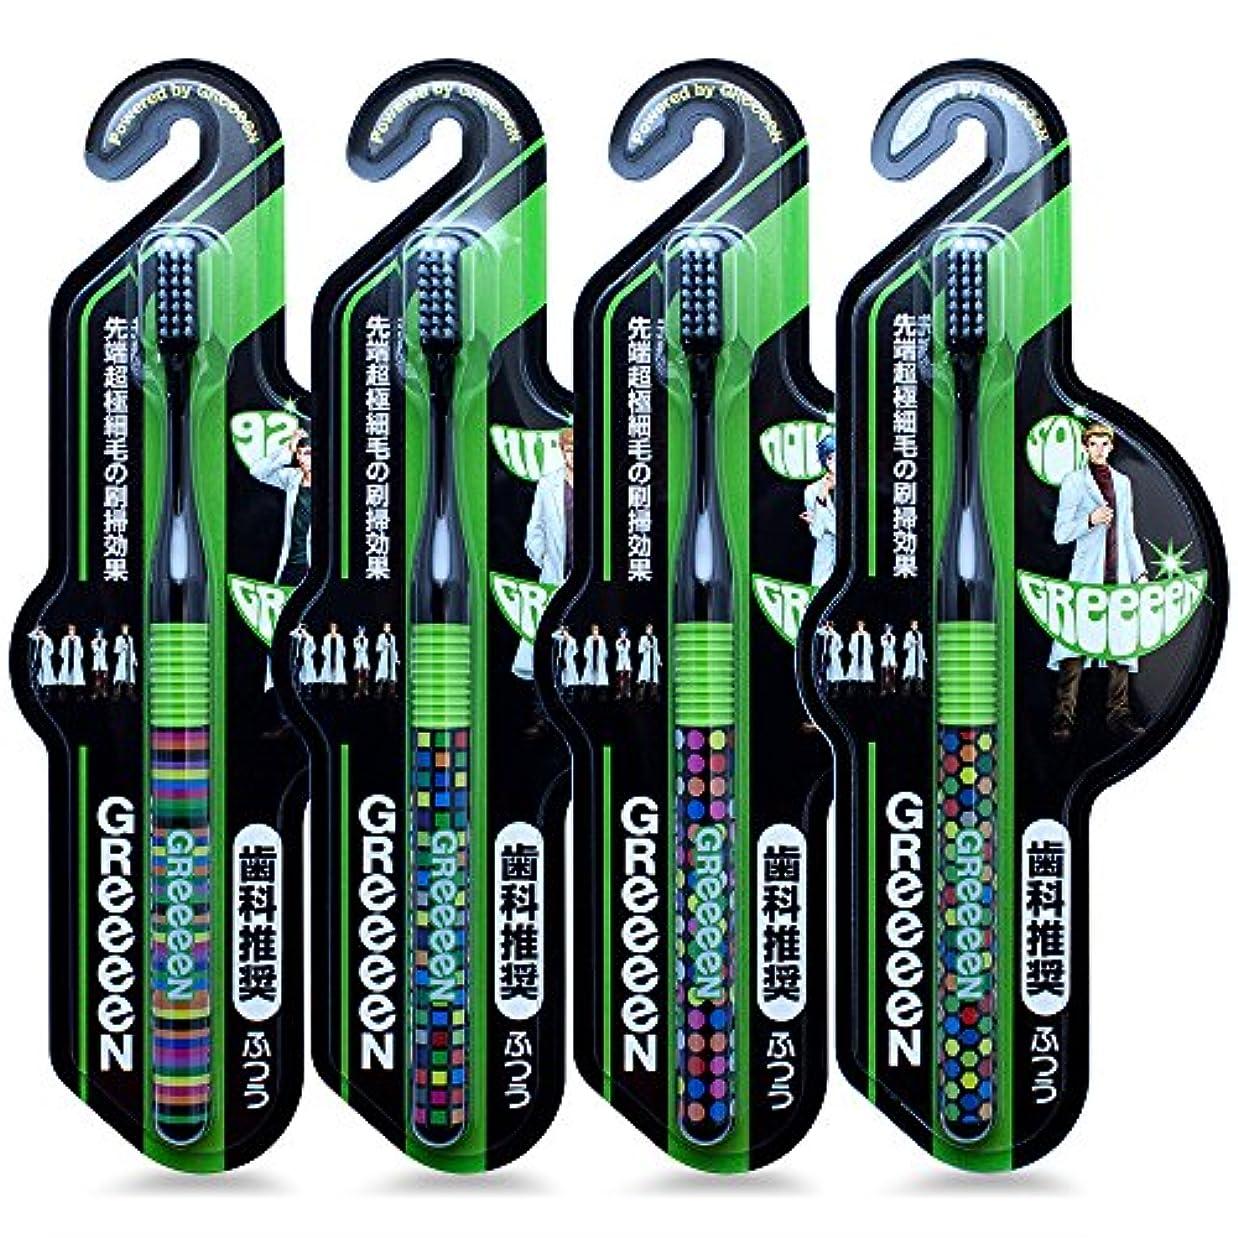 排泄物アパートガイドラインGReeeeN 3列ヘッドラバーグリップ超極細毛歯ブラシ KURO アソート4本セット